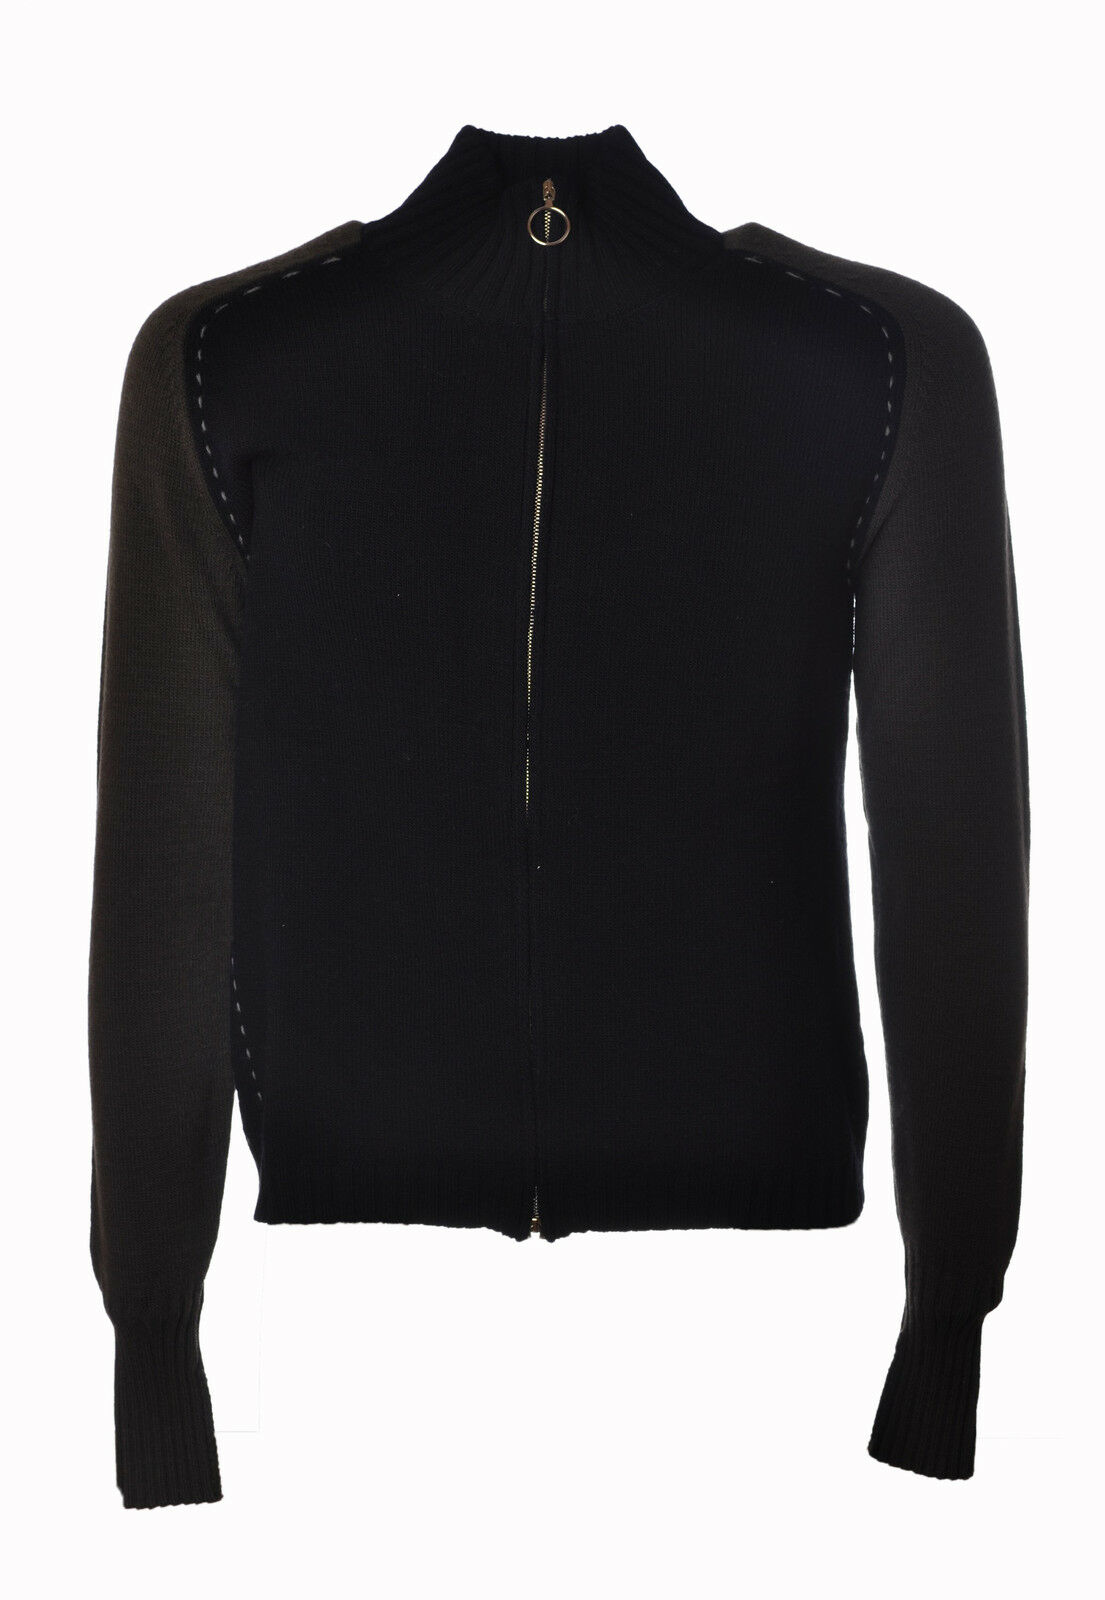 Alpha  -  Sweaters - Male - bluee - 3840429A185008